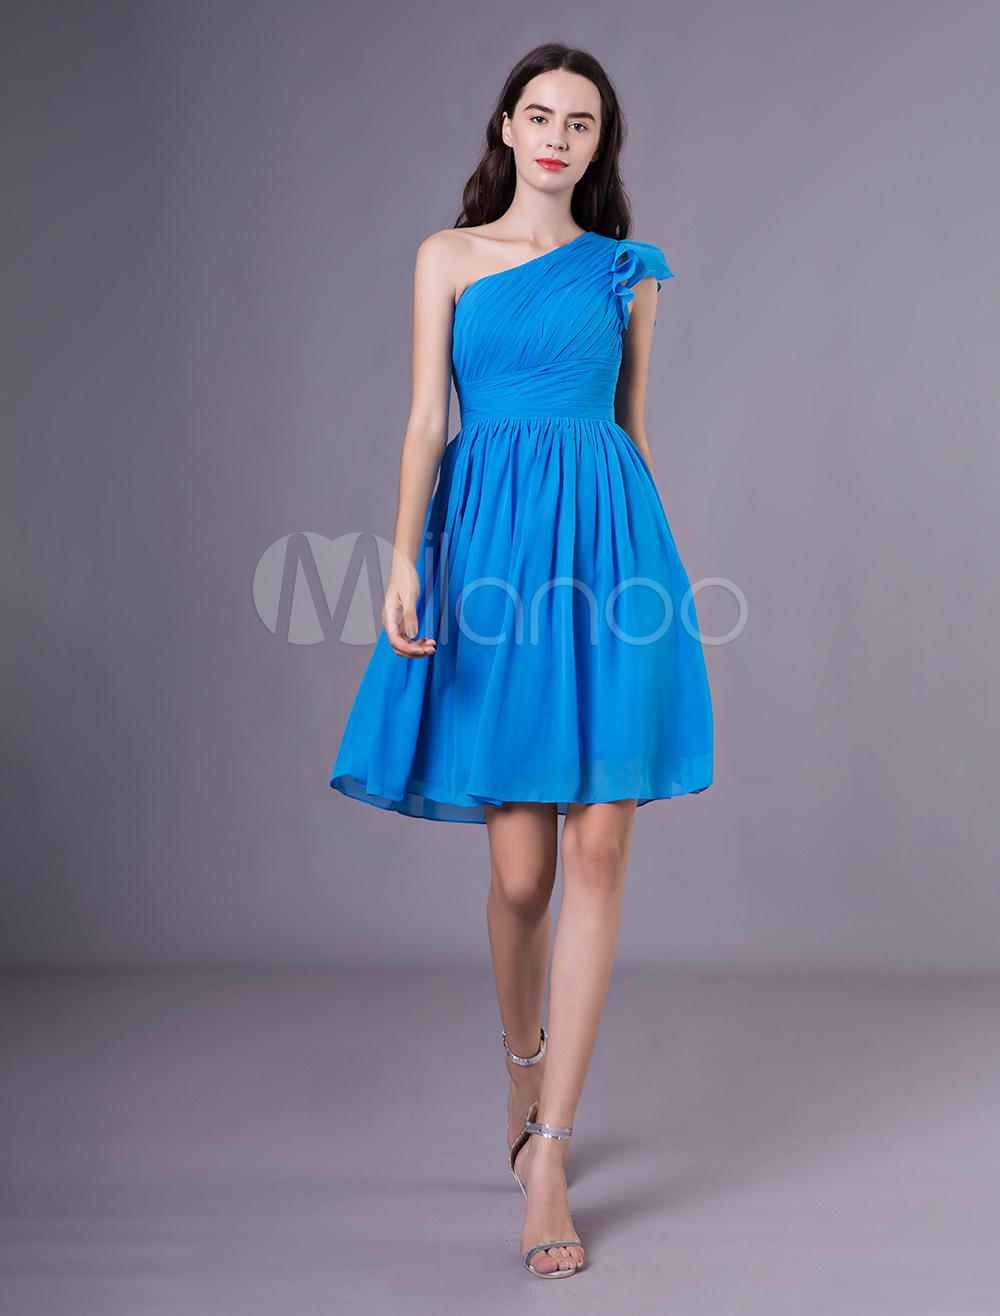 Designer Einfach Kleid Für Hochzeit Blau Spezialgebiet17 Schön Kleid Für Hochzeit Blau Galerie